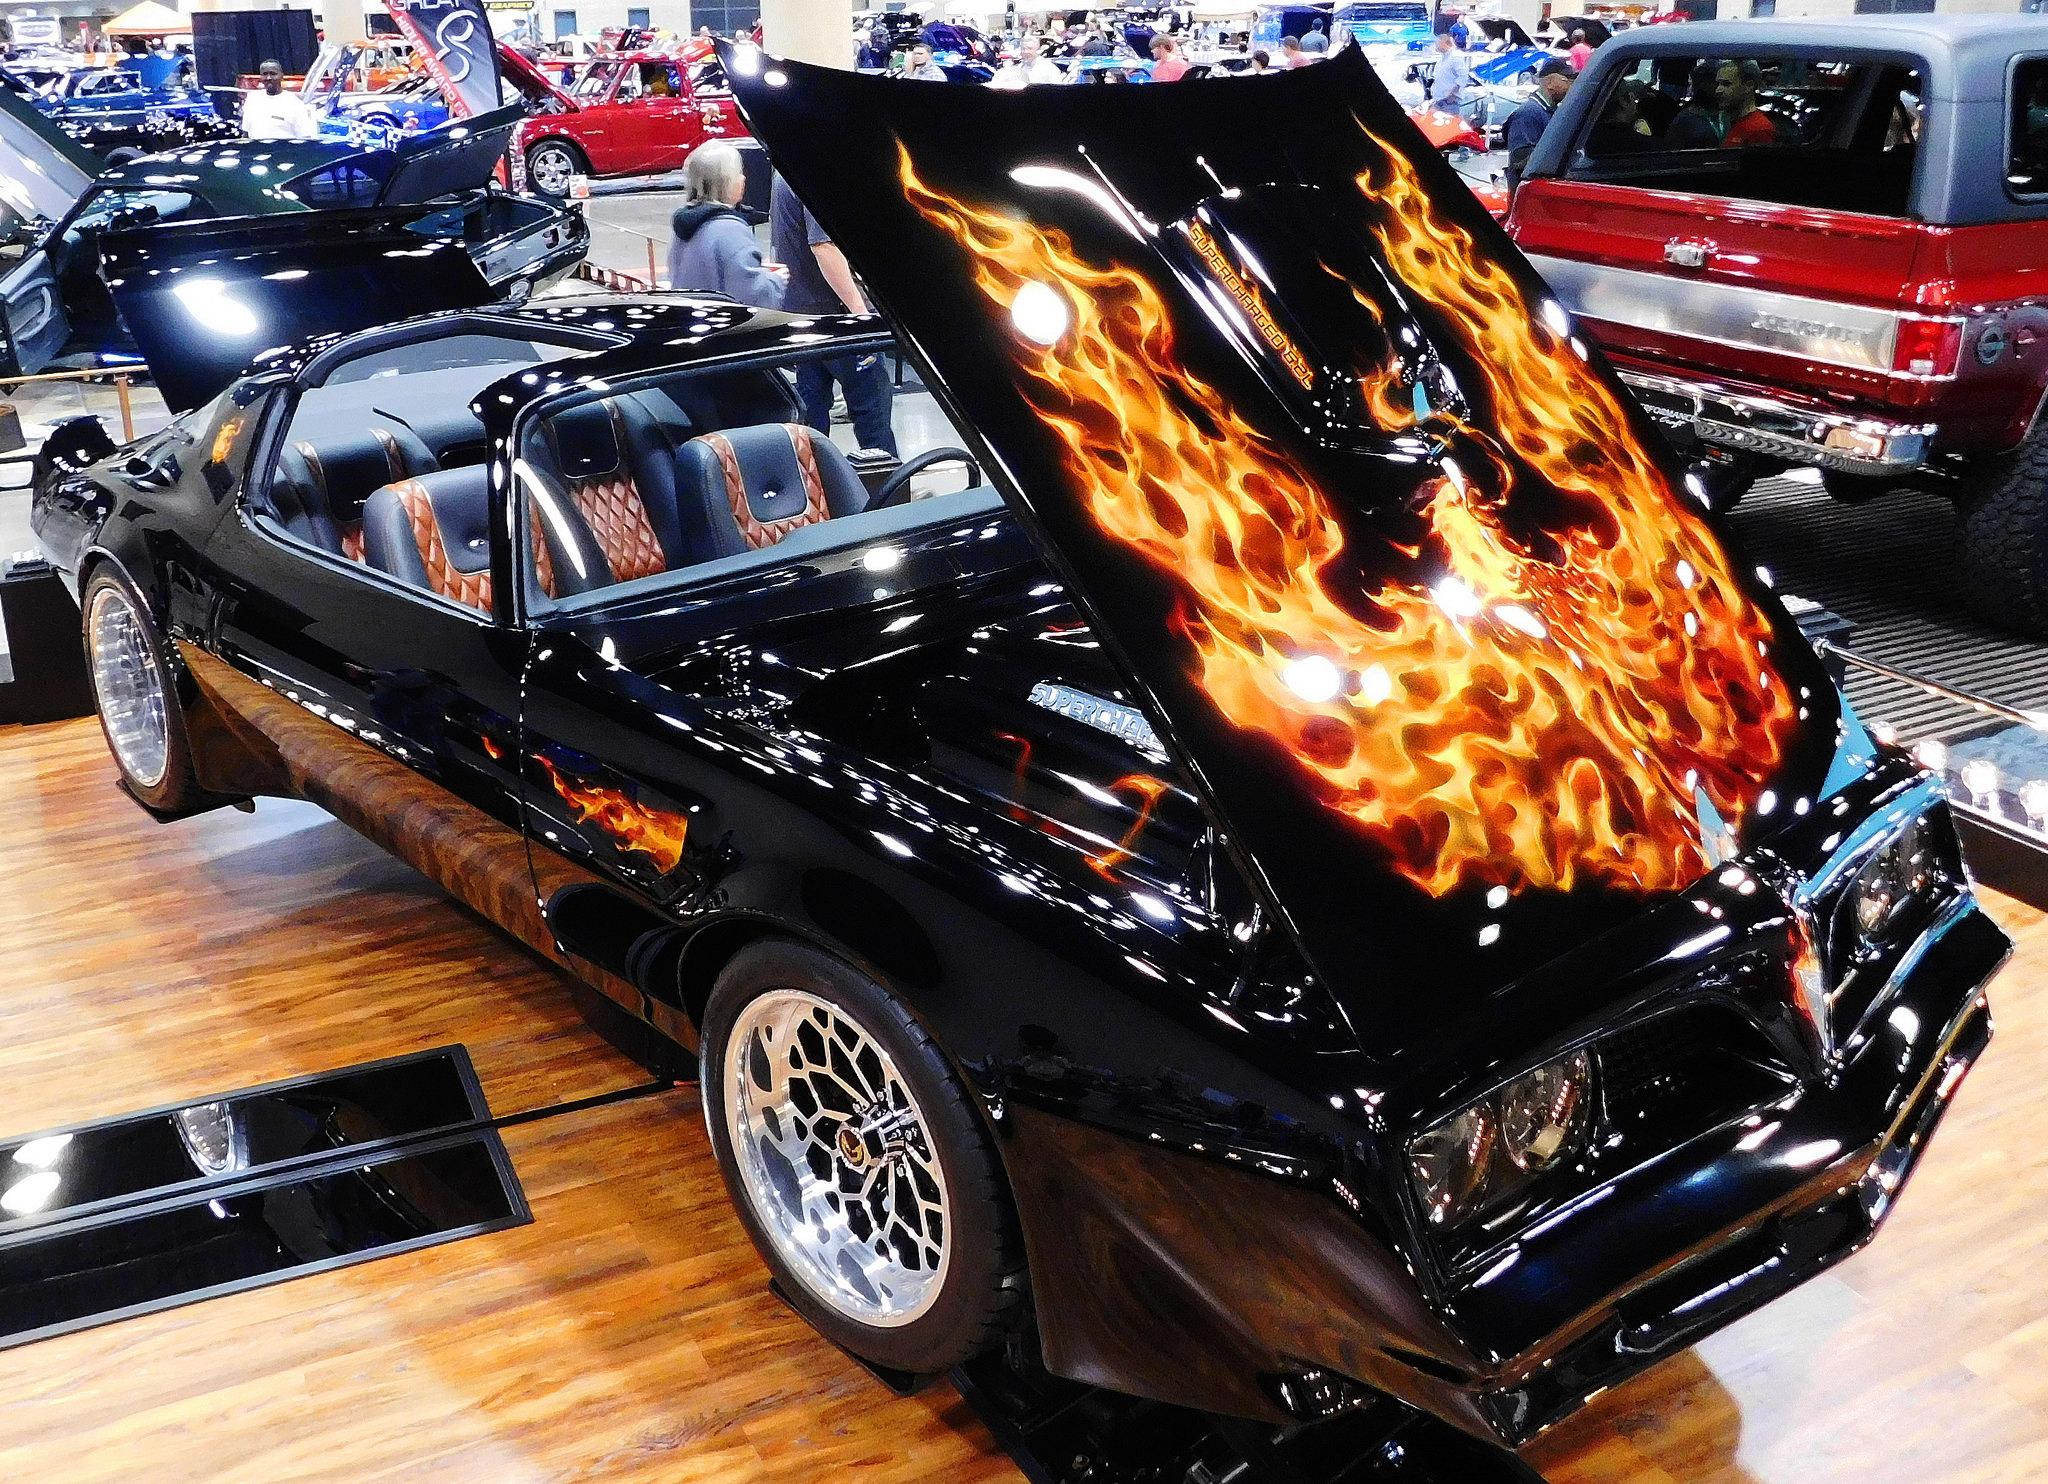 Coolest Car In The World Wallpaper 1977 Pontiac Trans Am Quot Super Bandit Quot Scottiedtv